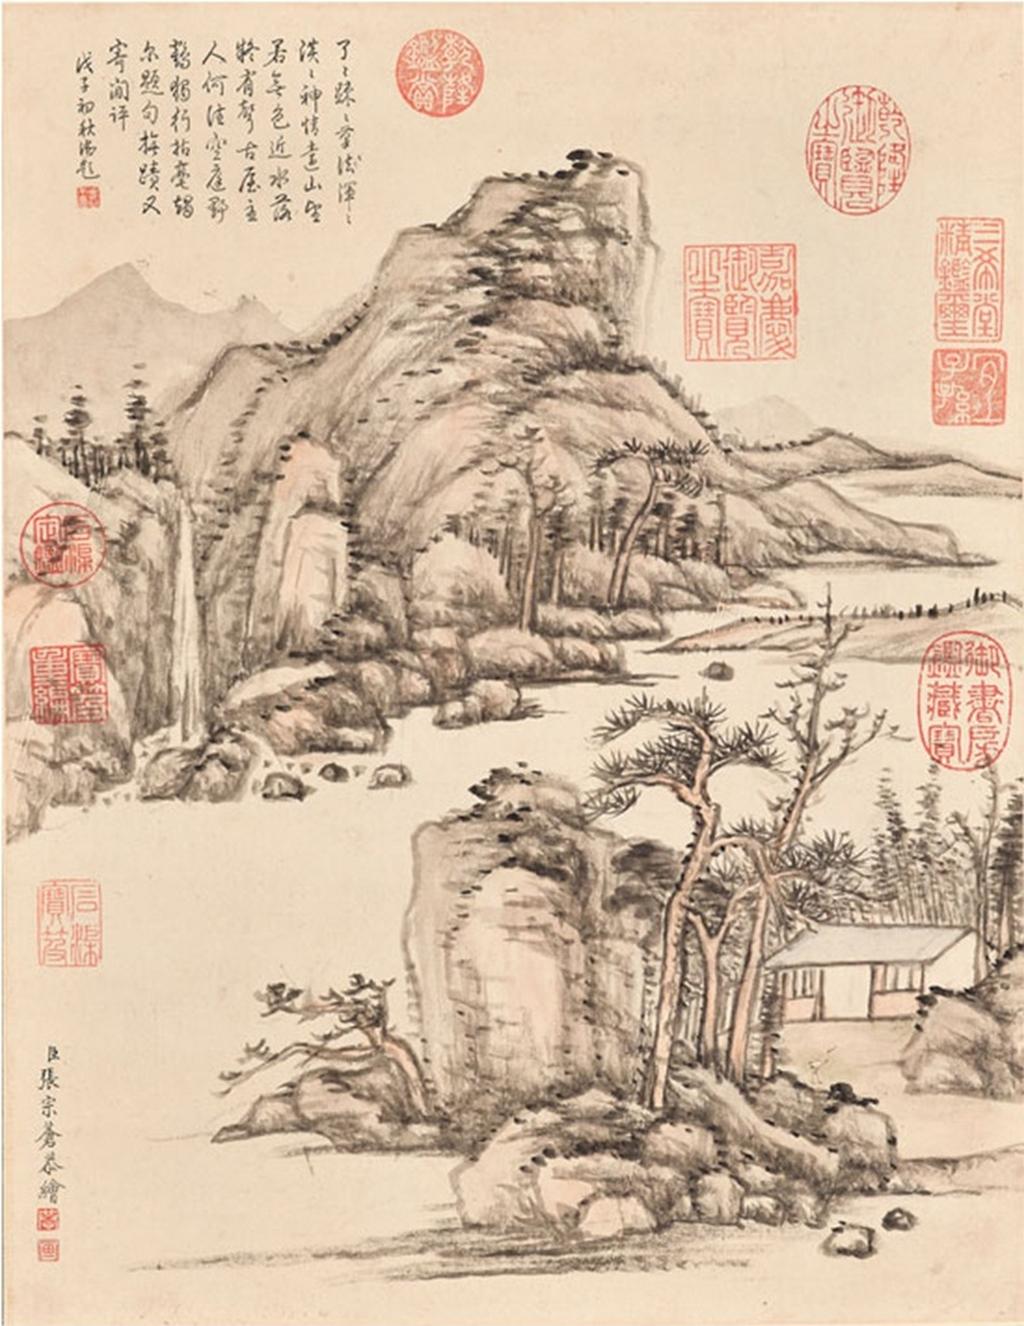 Rêve de l'atelier de grue, rouleau suspendu, encre et couleur claire sur papier, Zhang Zongcang